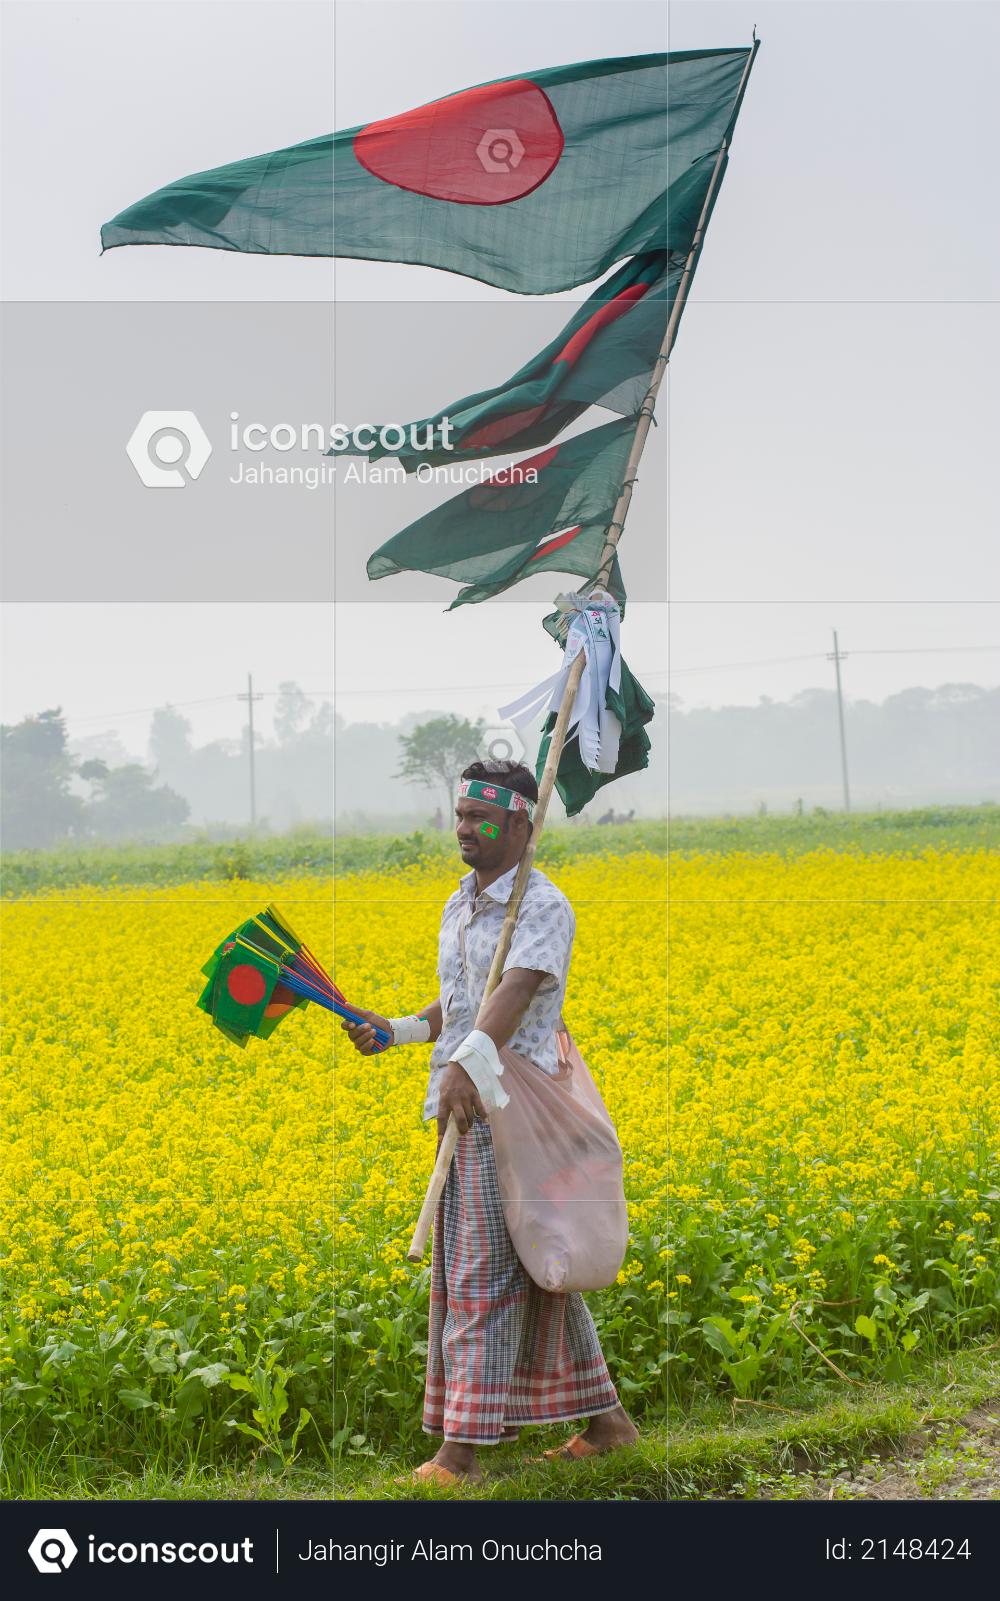 A Hawker sells Bangladeshi national flags at mustard field at Munshigonj, Dhaka, Bangladesh Photo